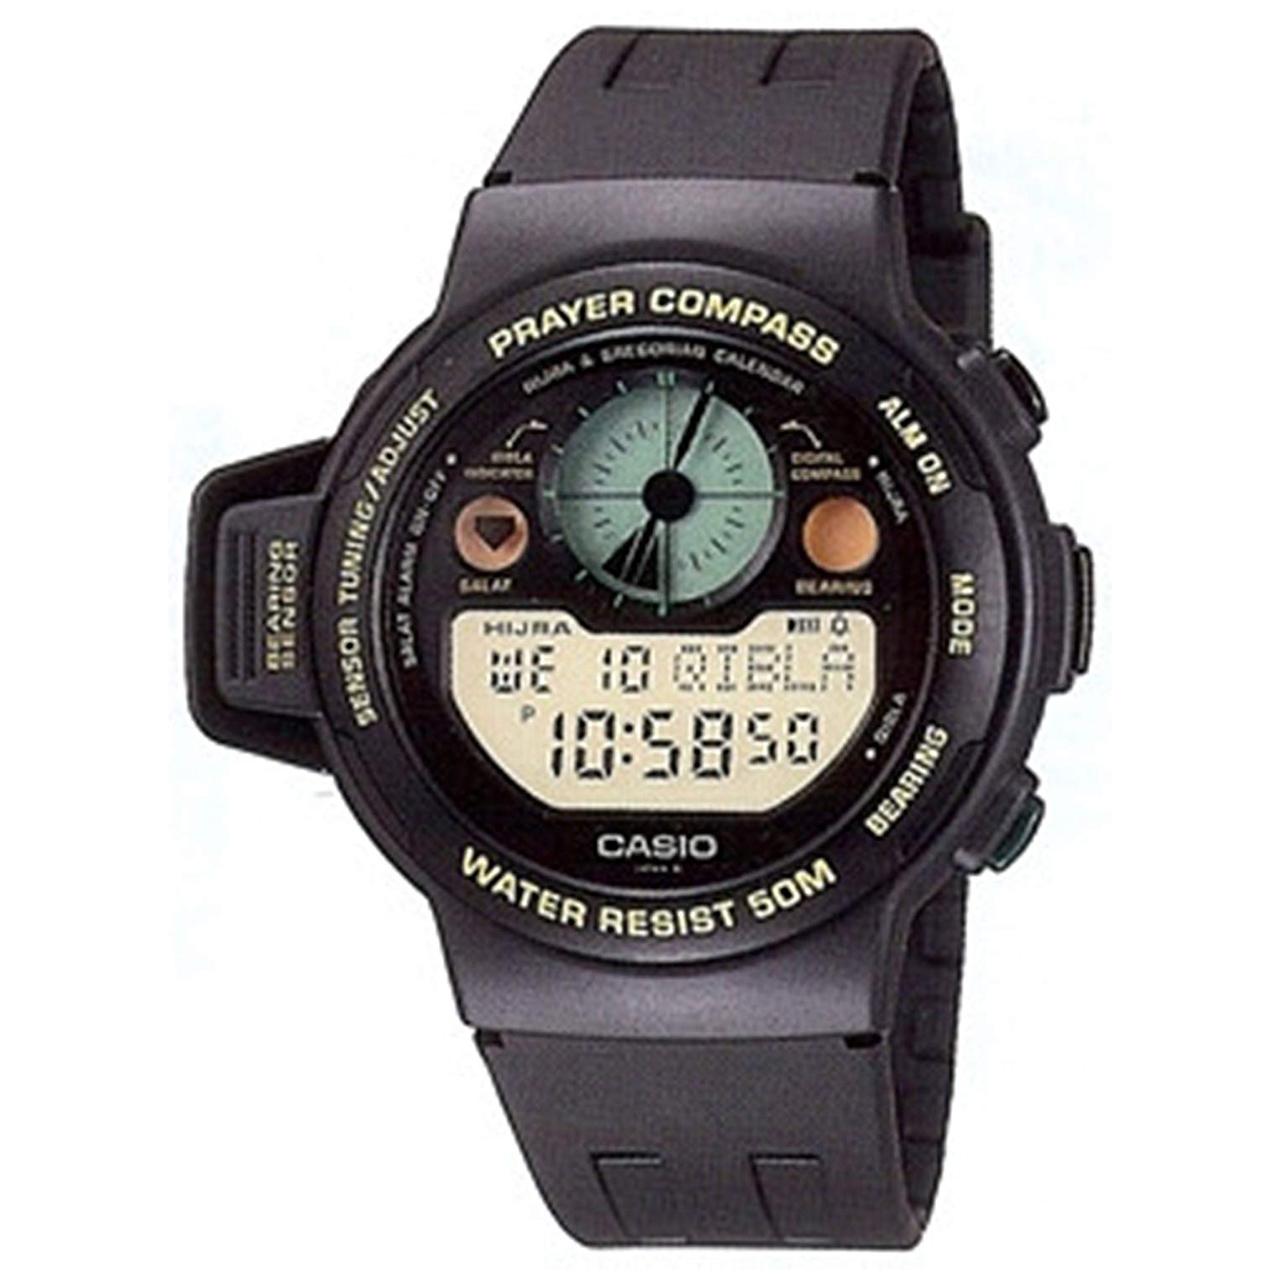 ساعت مچی دیجیتالی کاسیو مدل CPW-310-1VDS